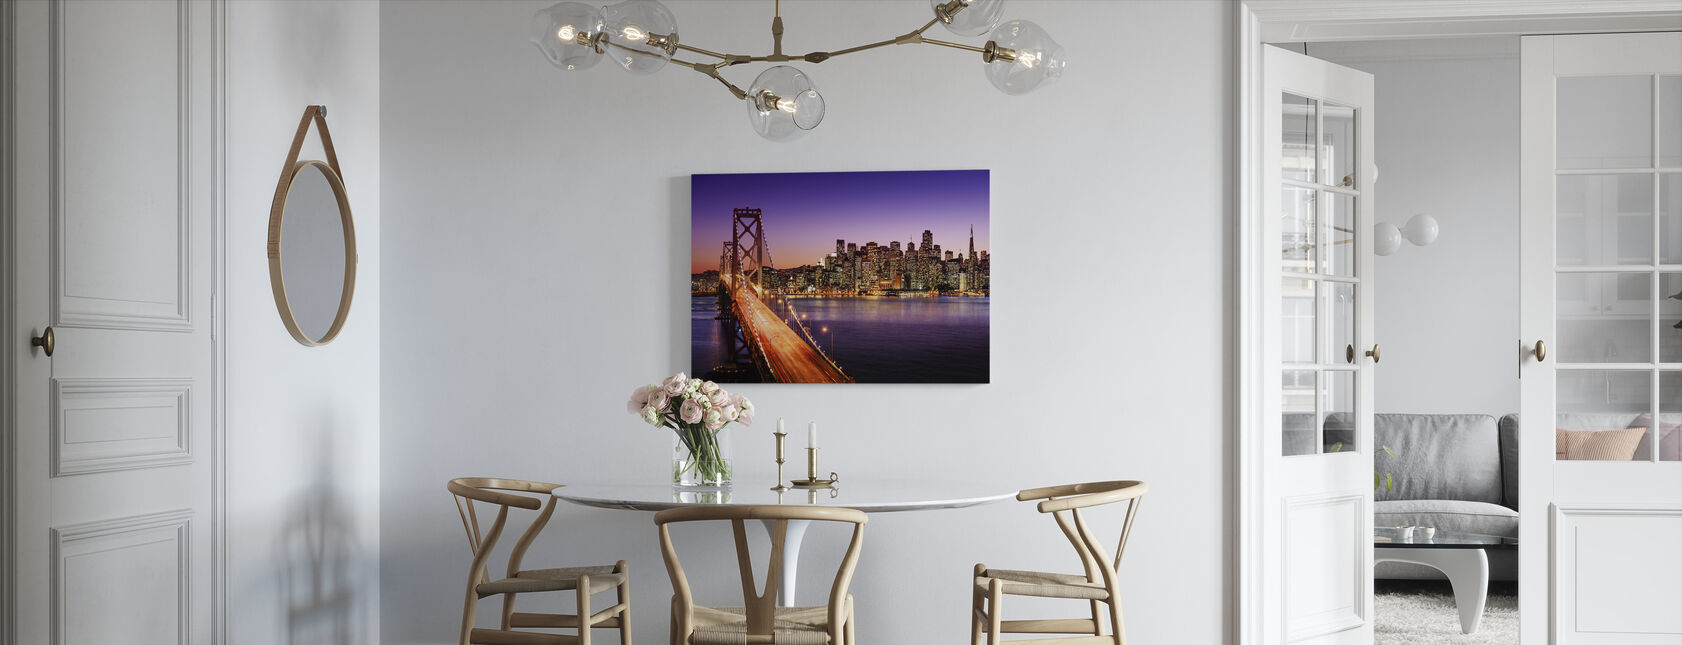 San Francisco Bay Bridge - Canvas print - Kitchen